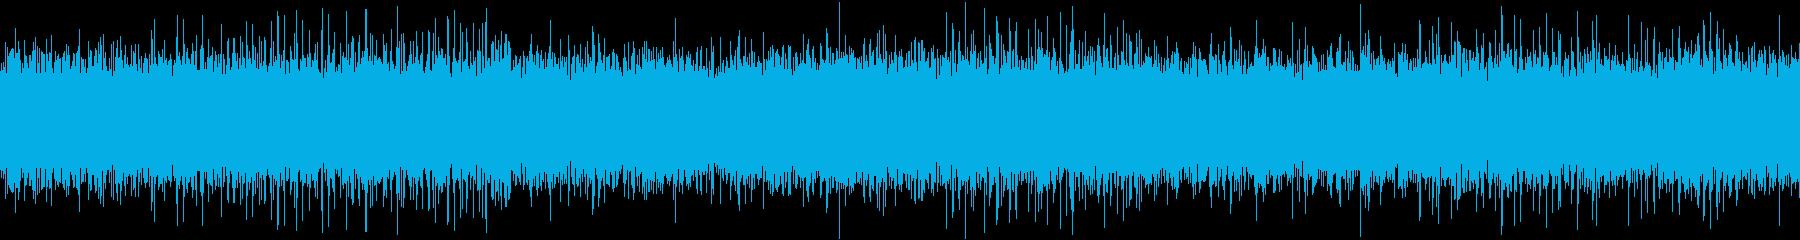 ザァー(FMラジオのノイズC)ループ処理の再生済みの波形